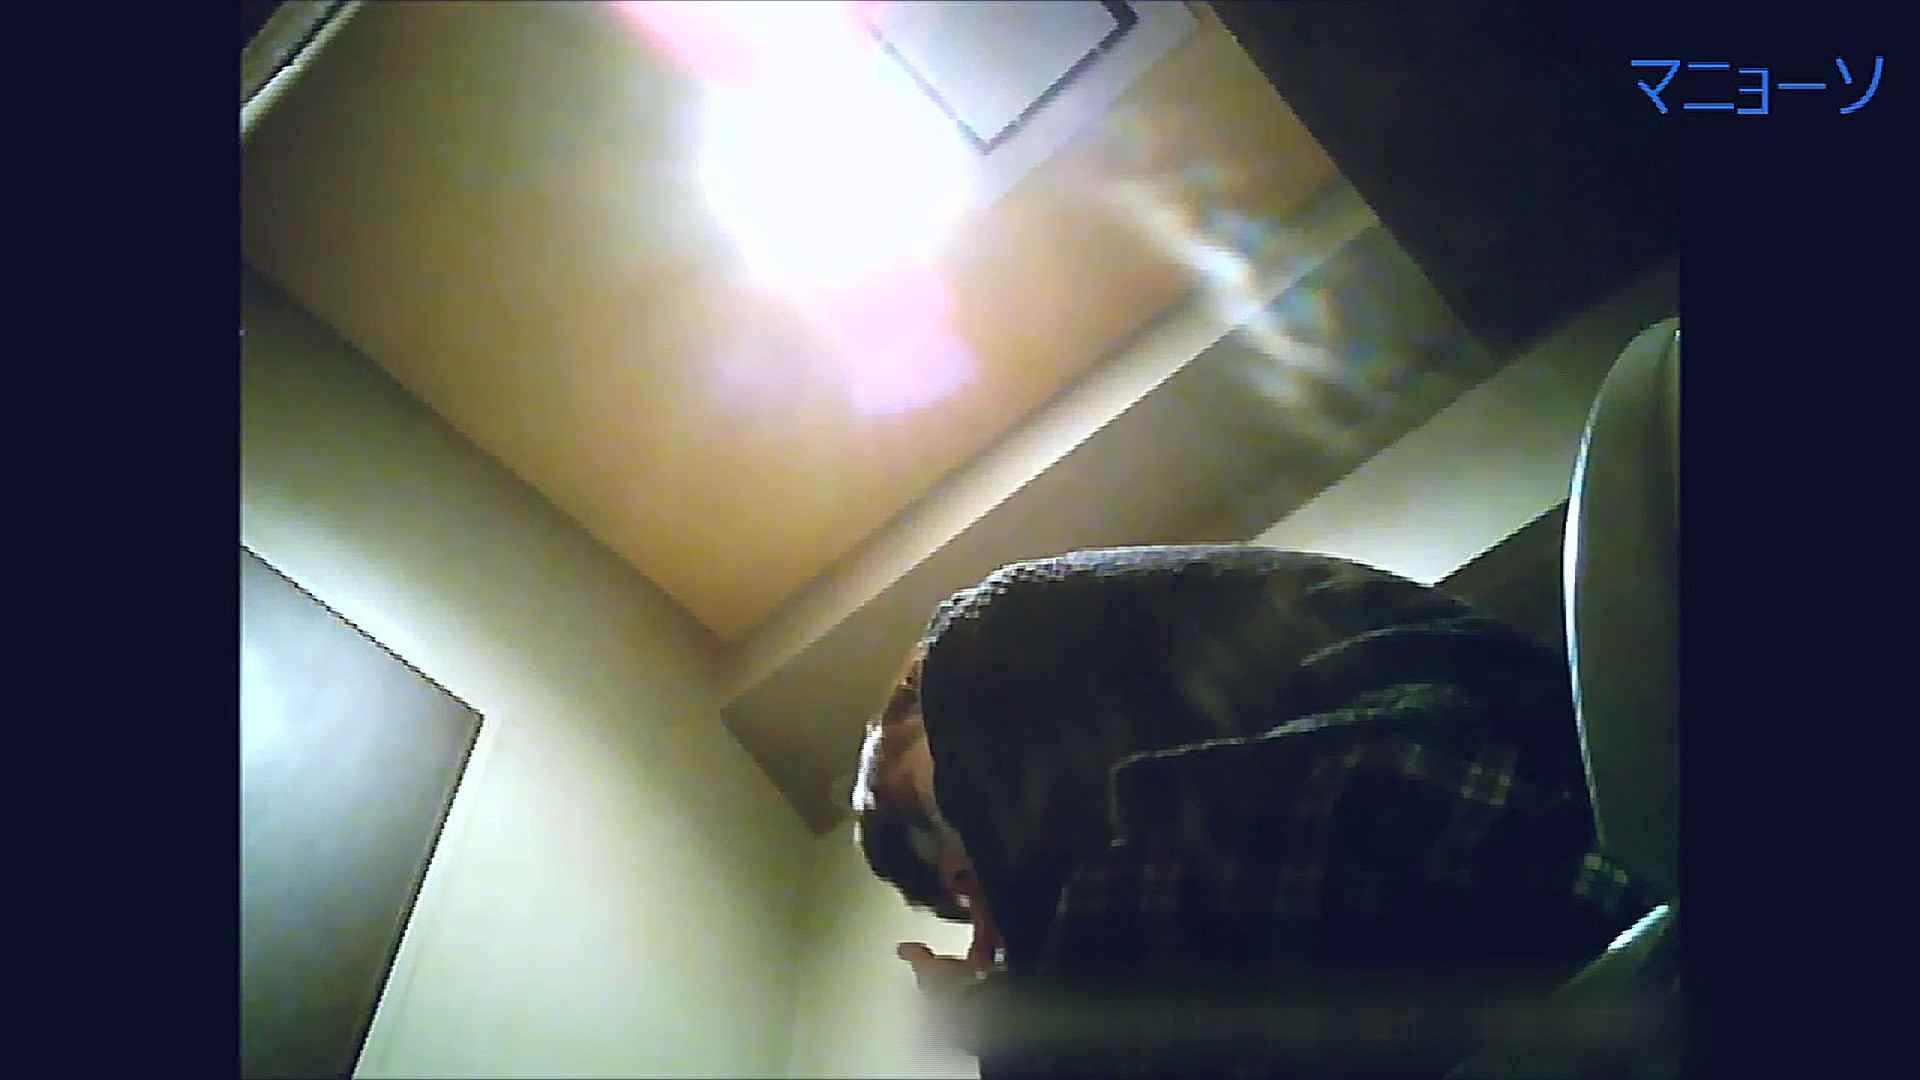 トイレでひと肌脱いでもらいました (OL編)Vol.13 トイレ  95pic 12